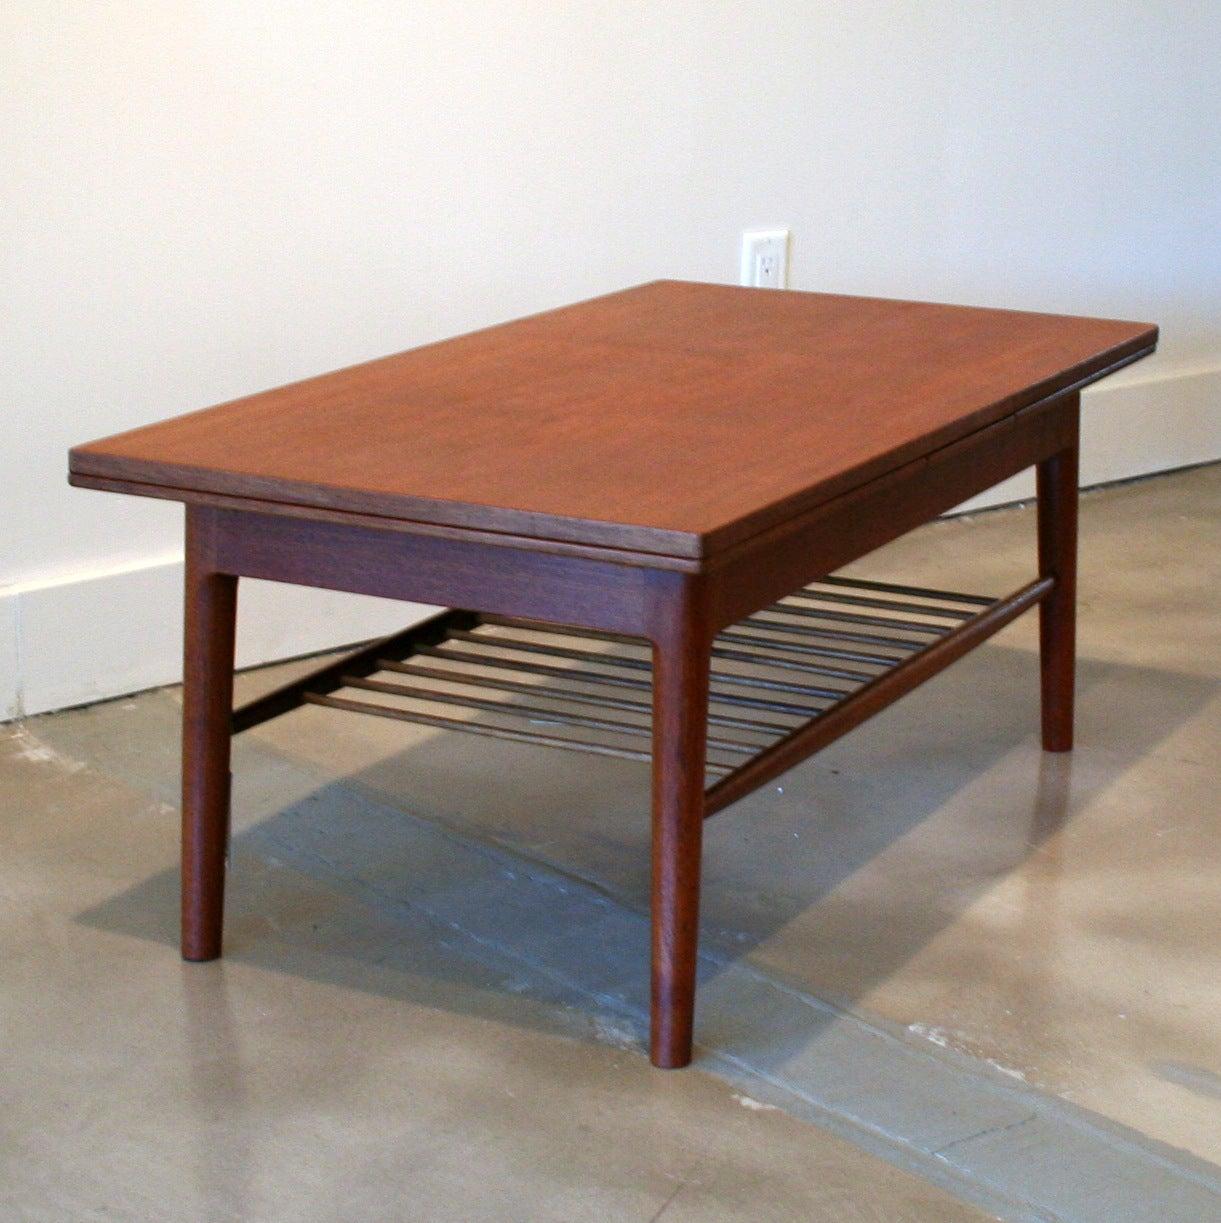 Vintage Danish Teak And Oak Coffee Table At 1stdibs